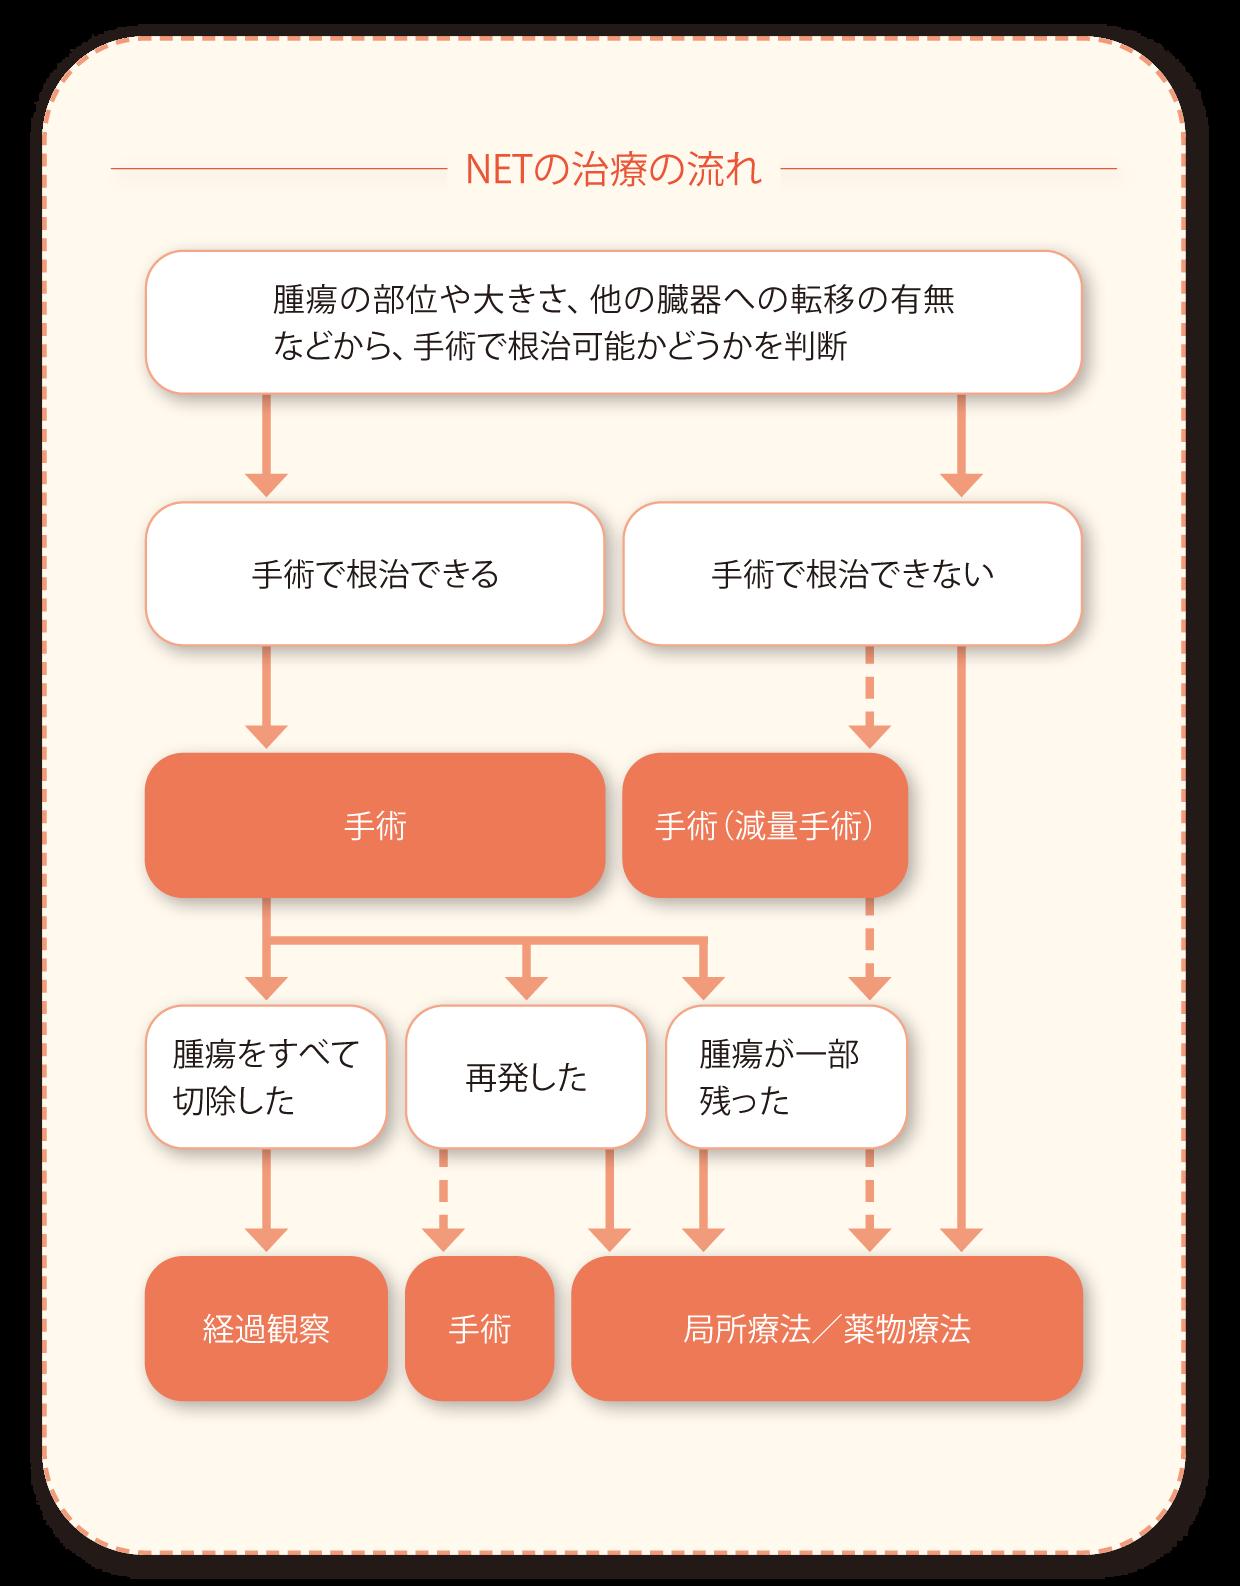 Net 膵